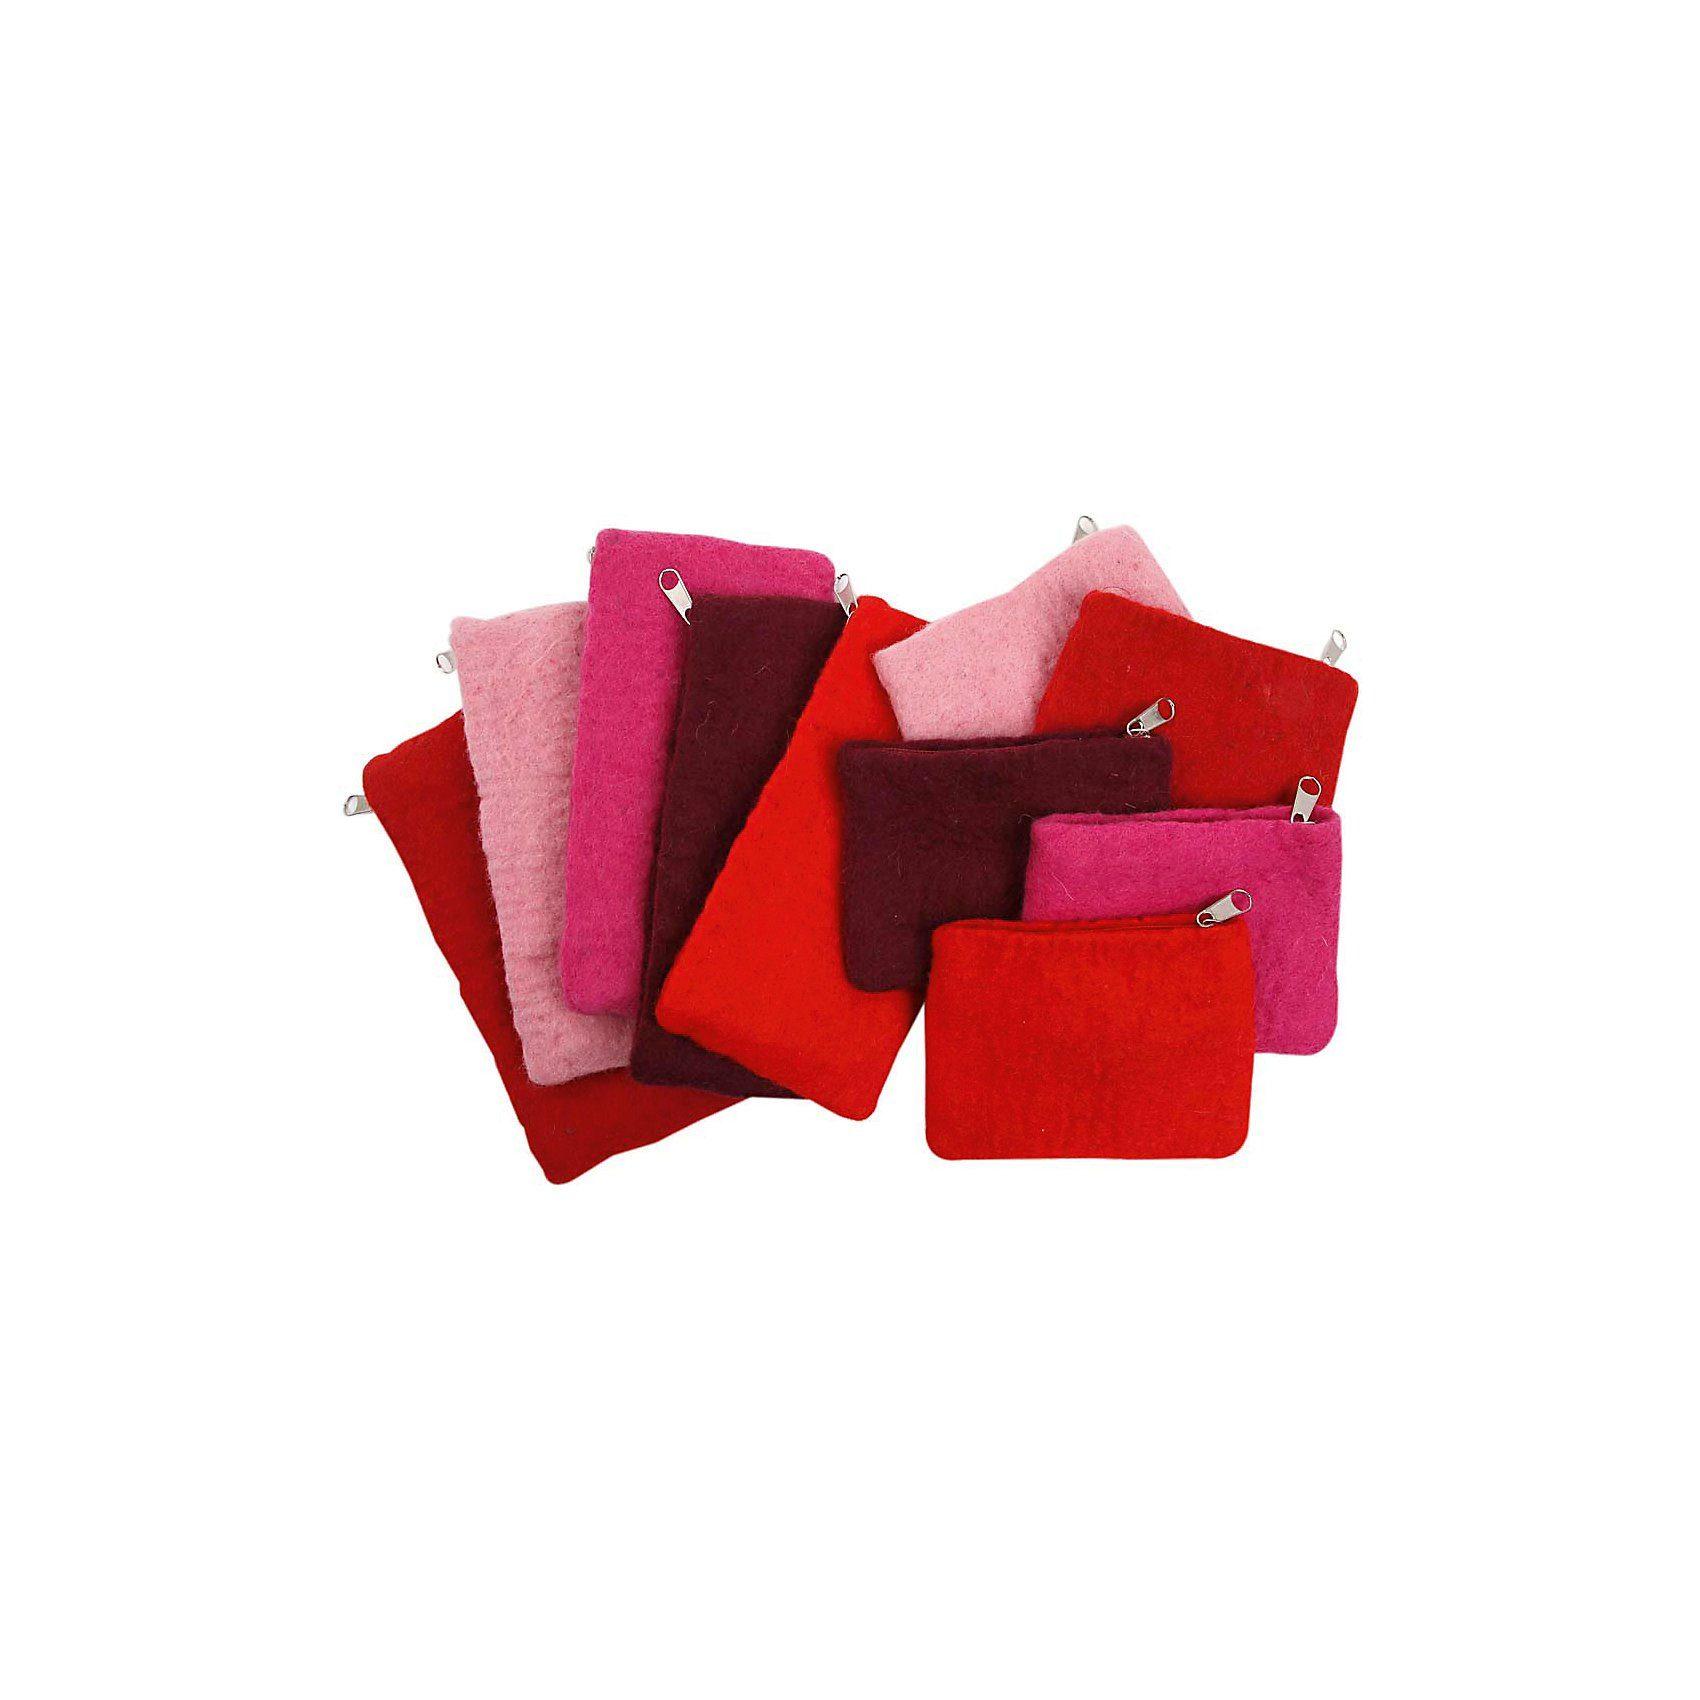 Federtaschen und Geldbeutel, Größe 20x9 cm, Größe 10x13 cm